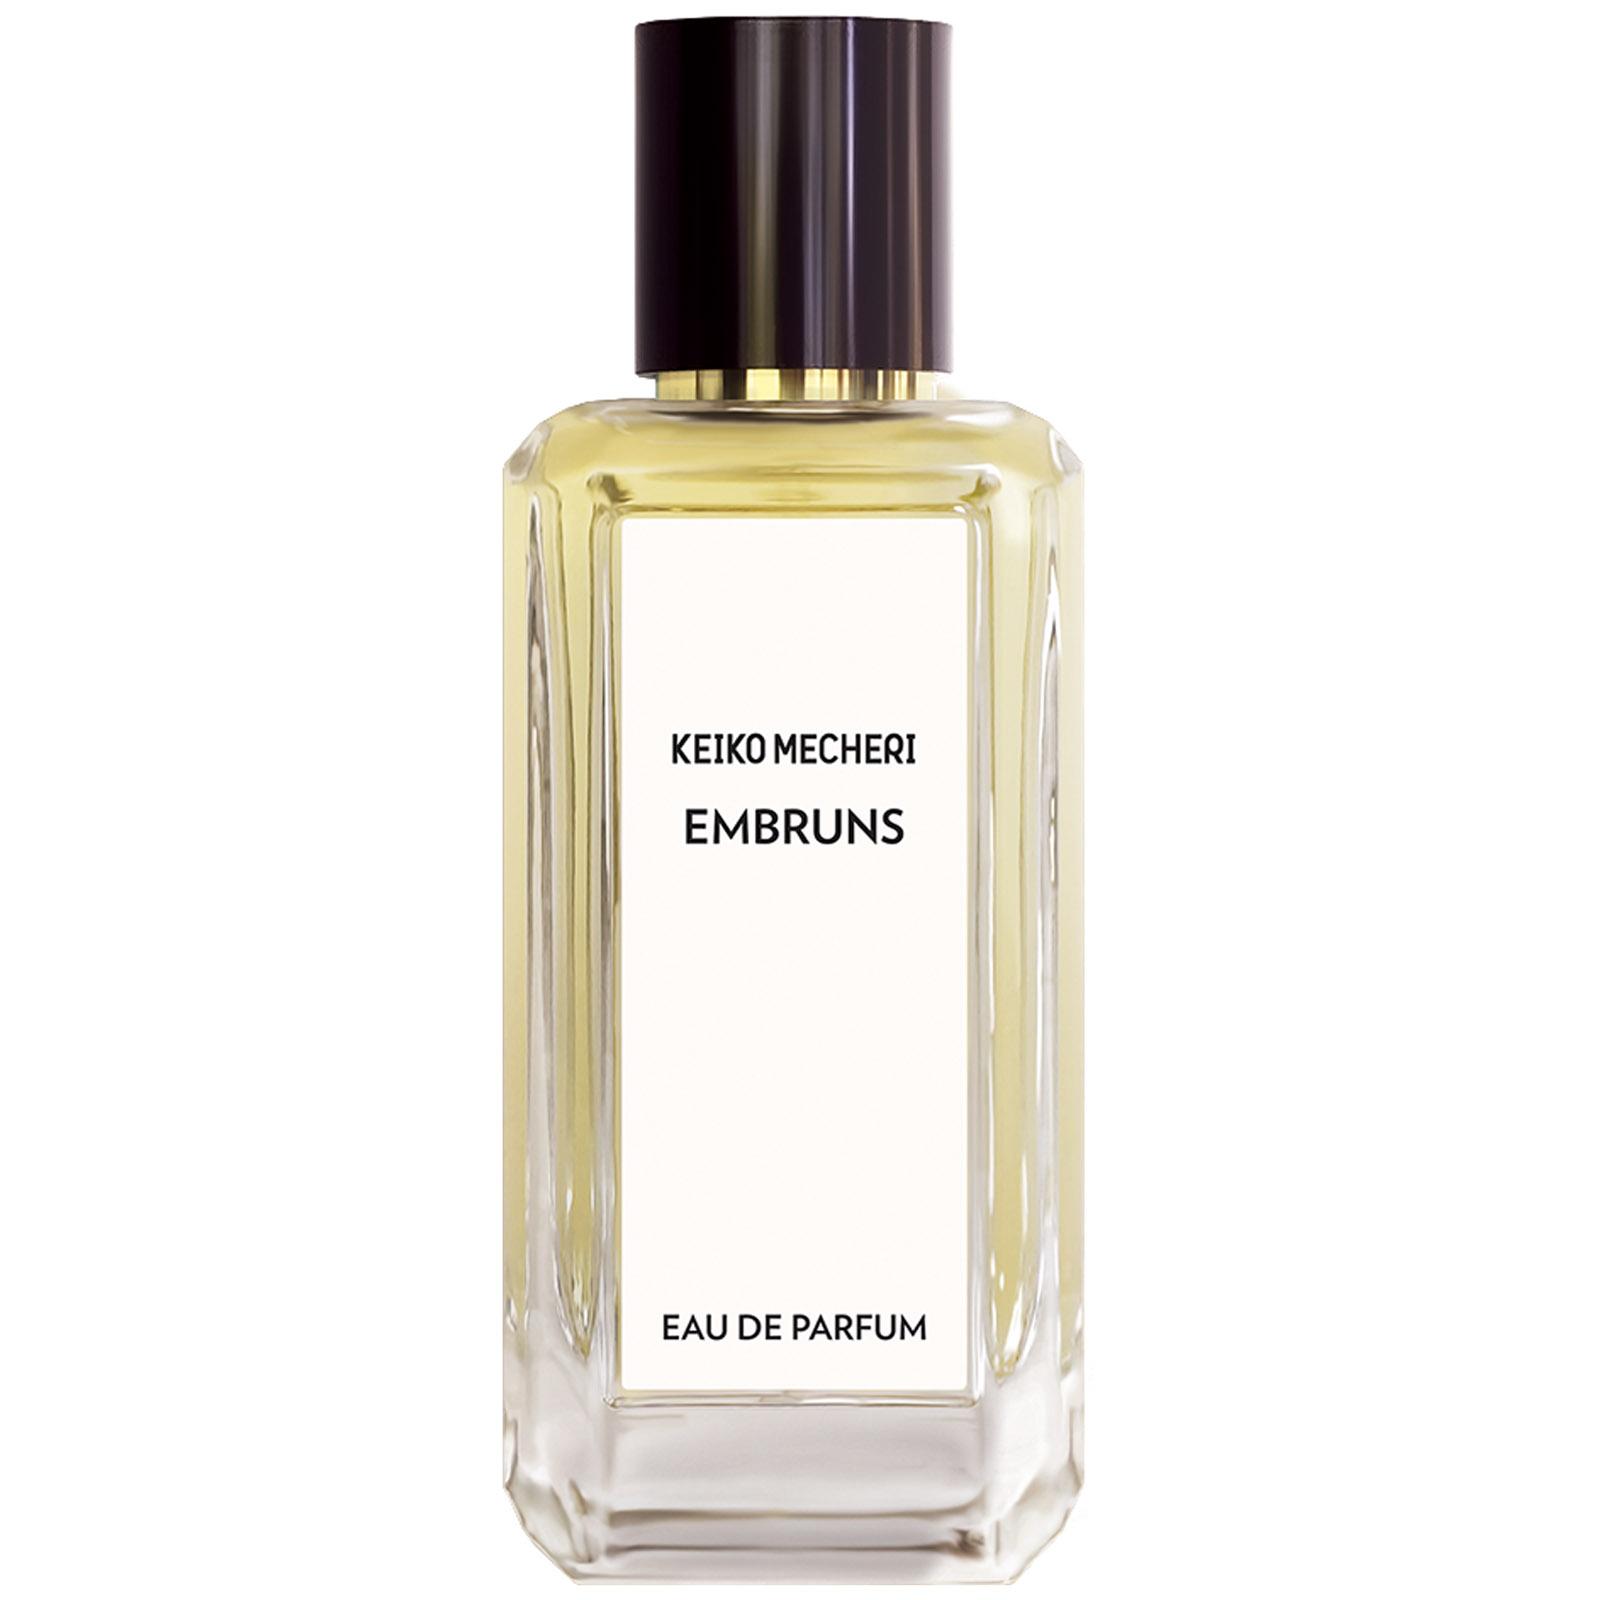 Embruns profumo eau de parfum 75 ml